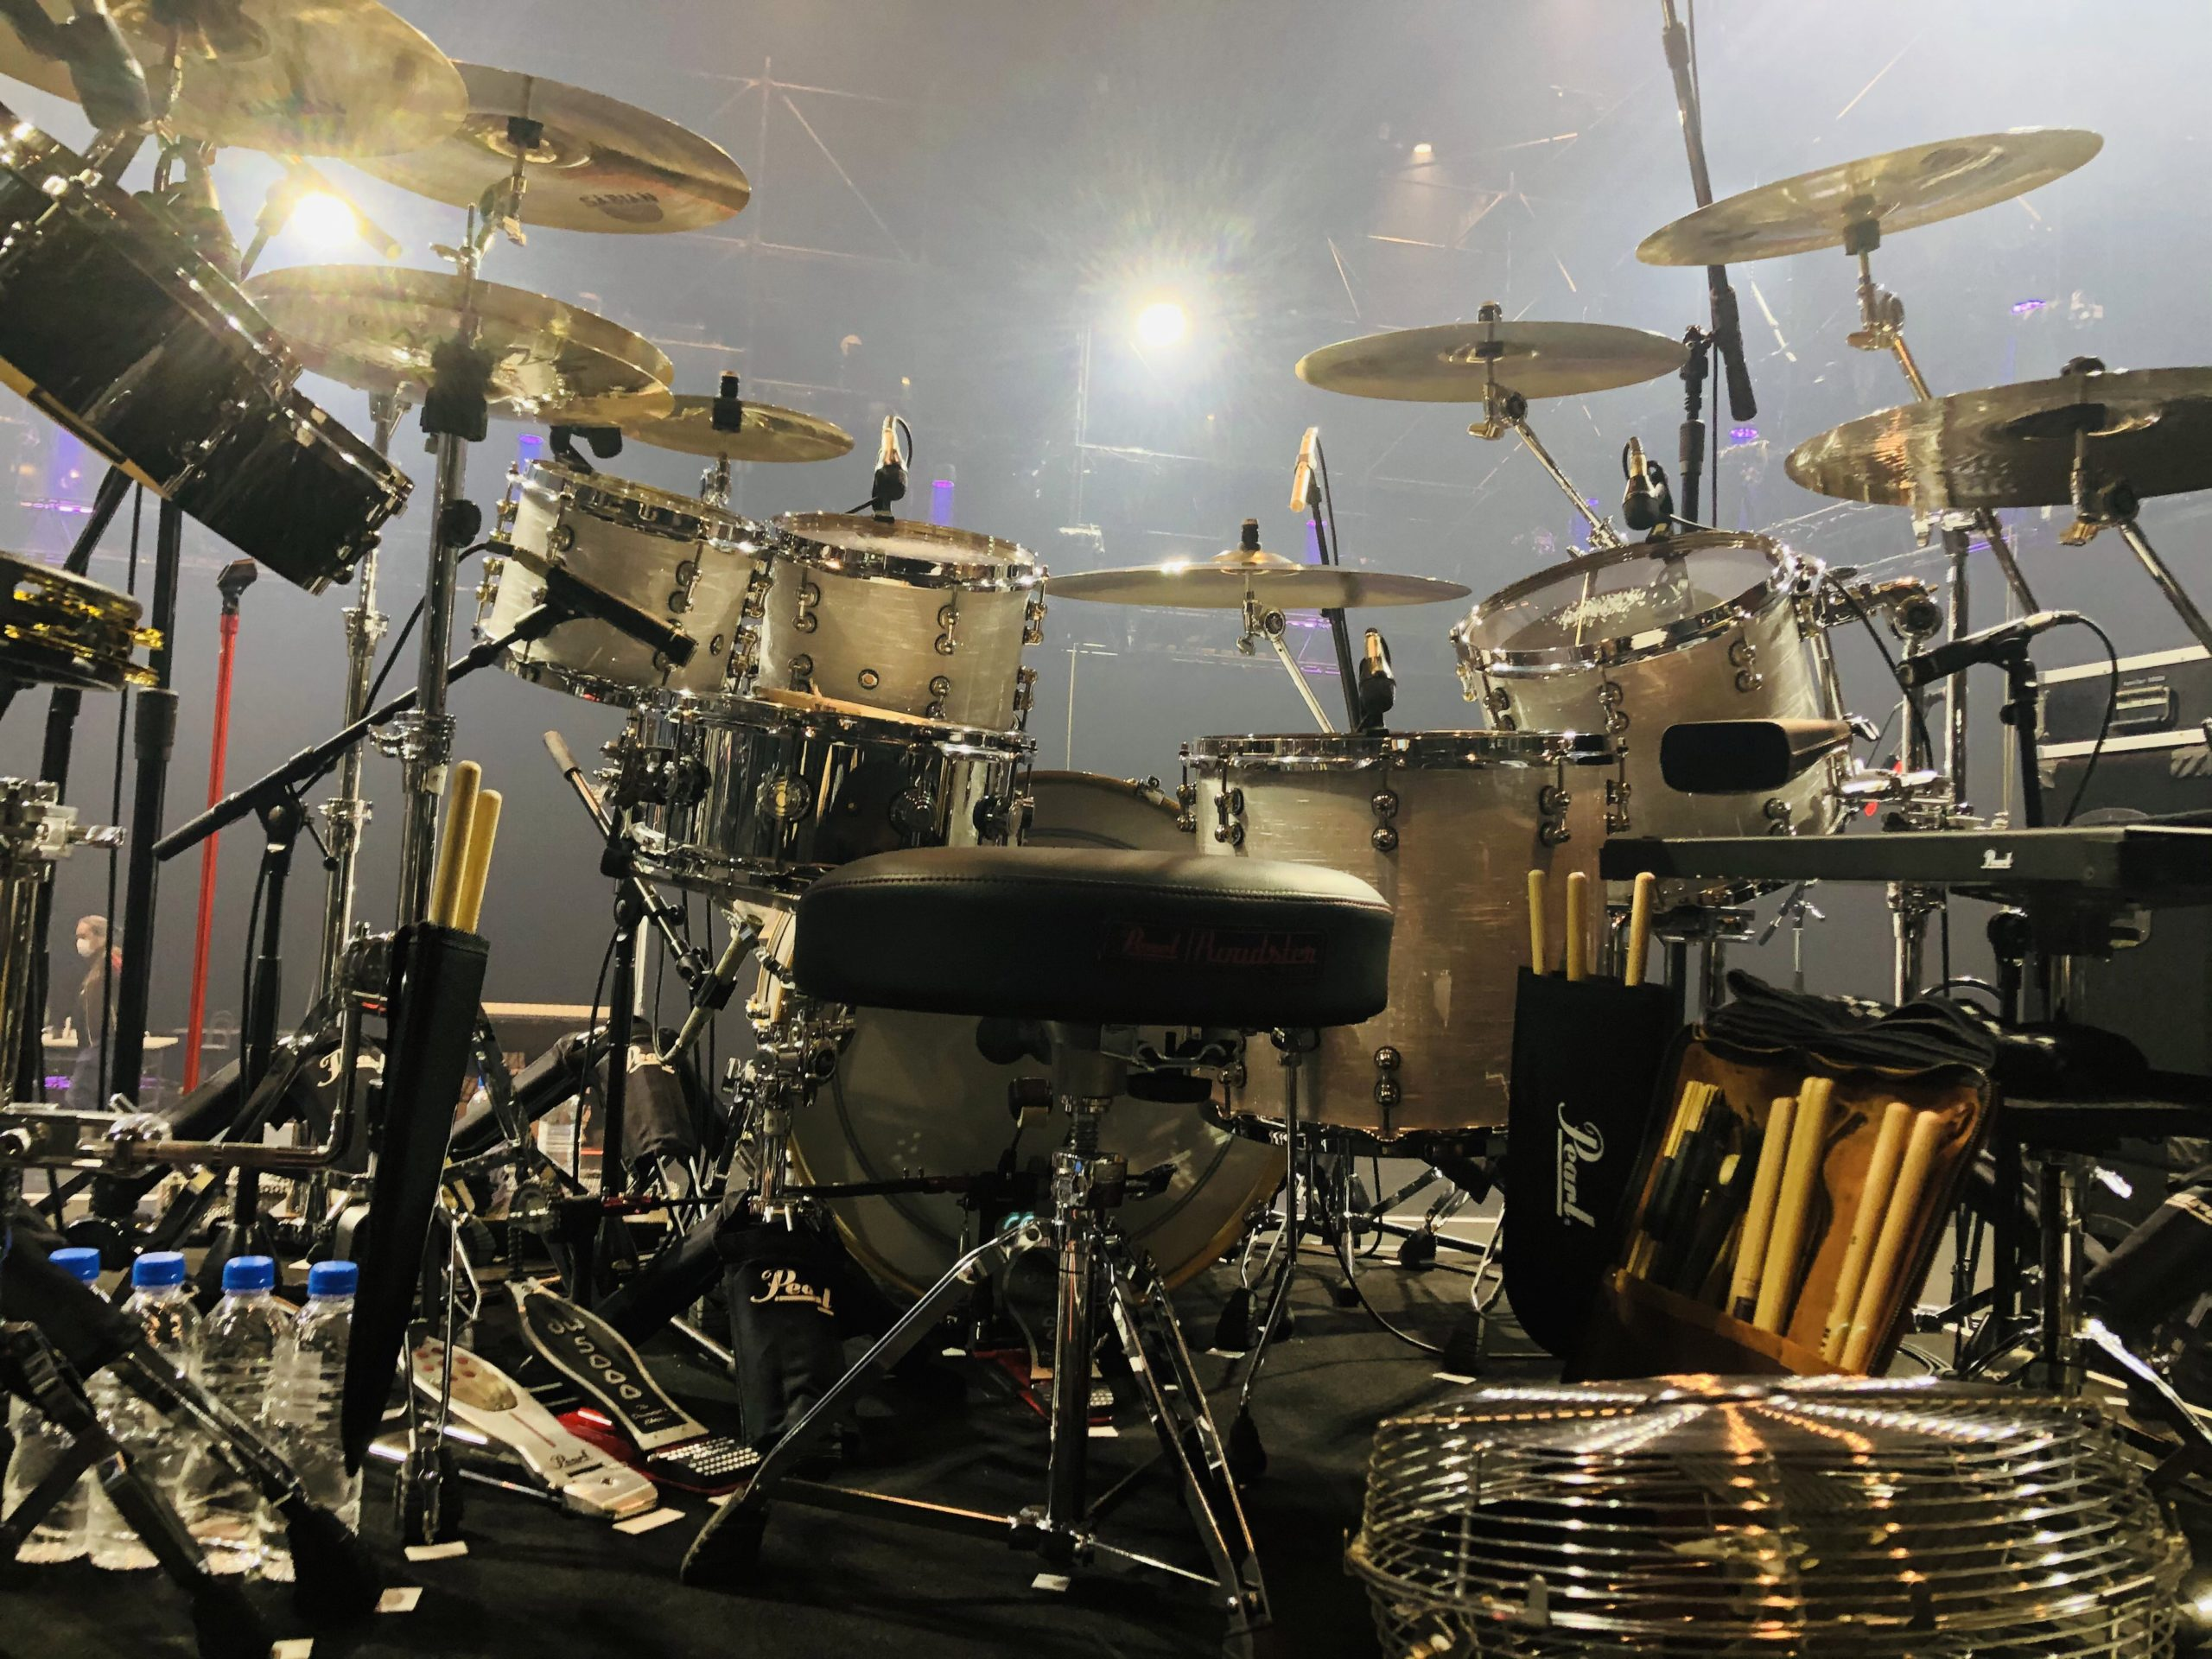 田中一光のTwitterに投稿されたB'z無観客配信ライブでのドラムセットの写真